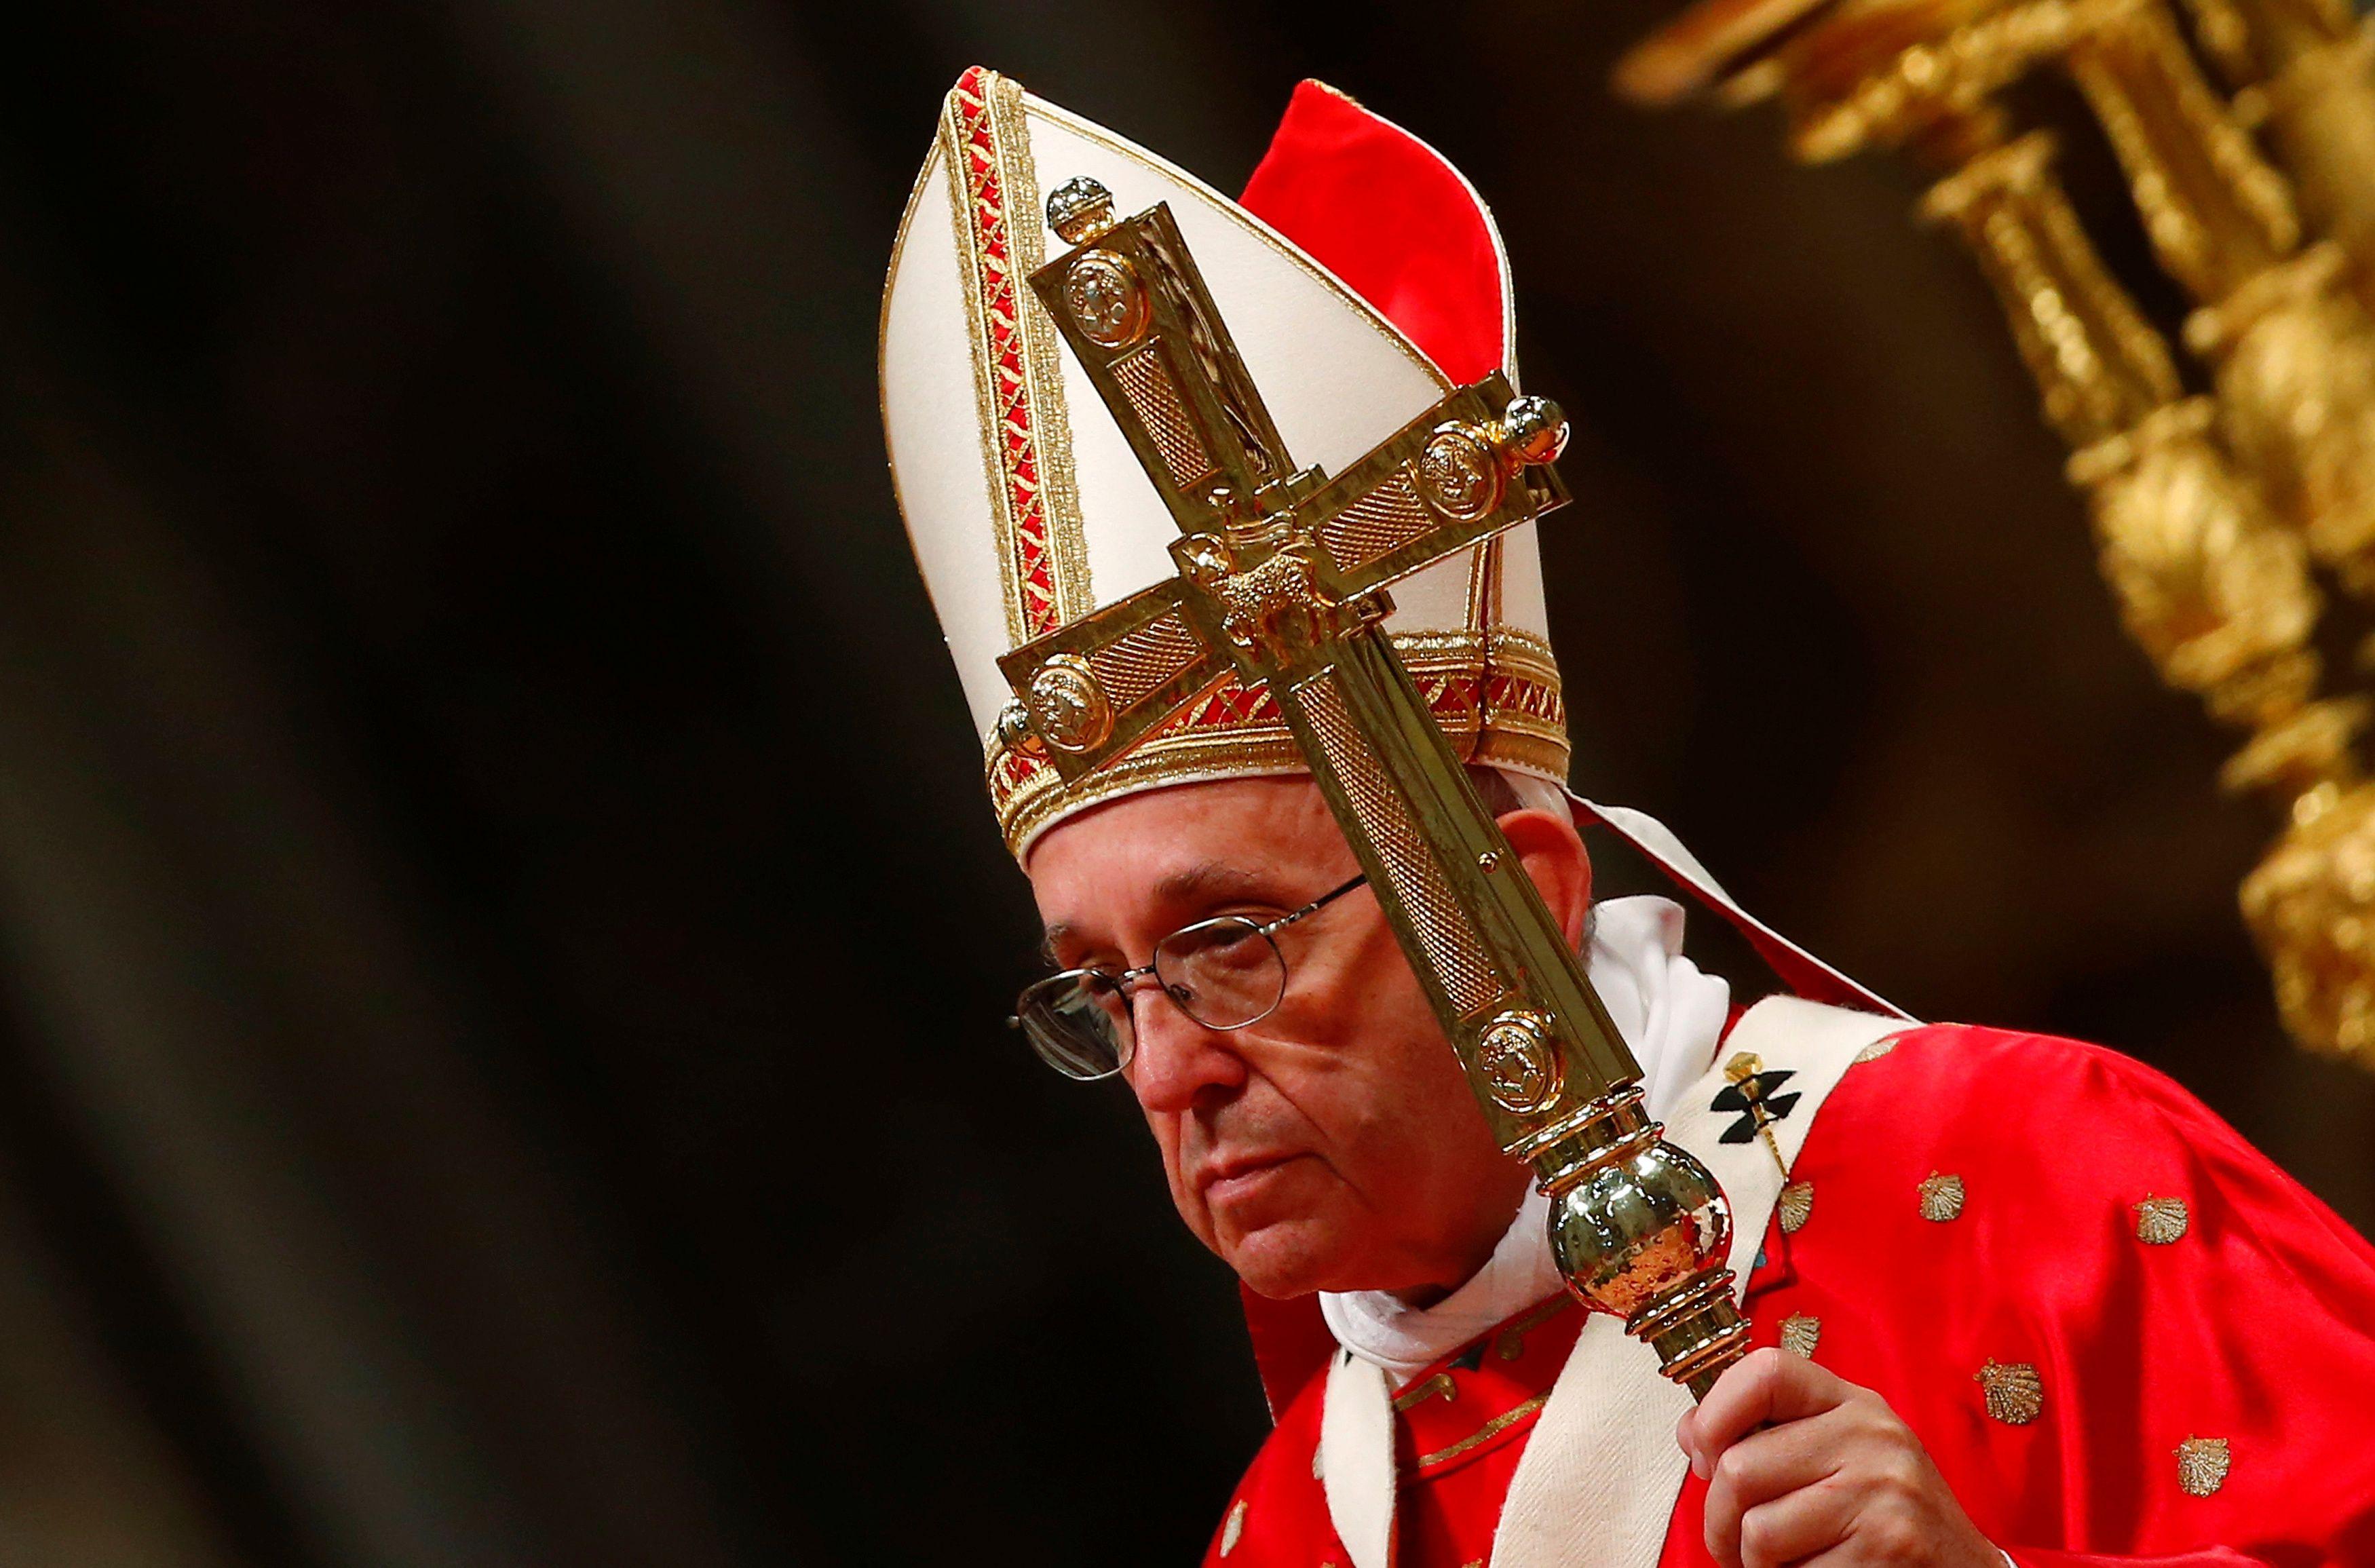 Deux nouveaux saints français seront canonisés par le Pape ce dimanche